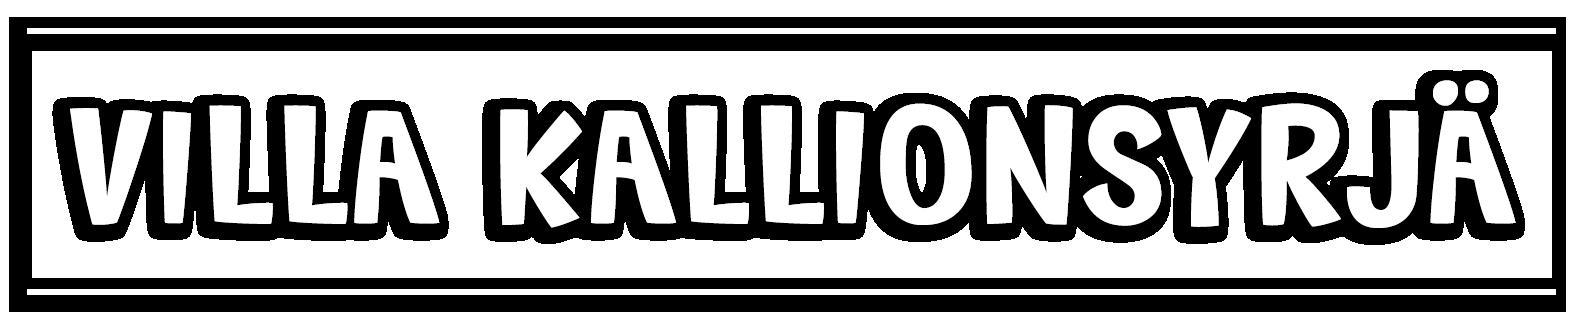 VILLA KALLIONSYRJÄ